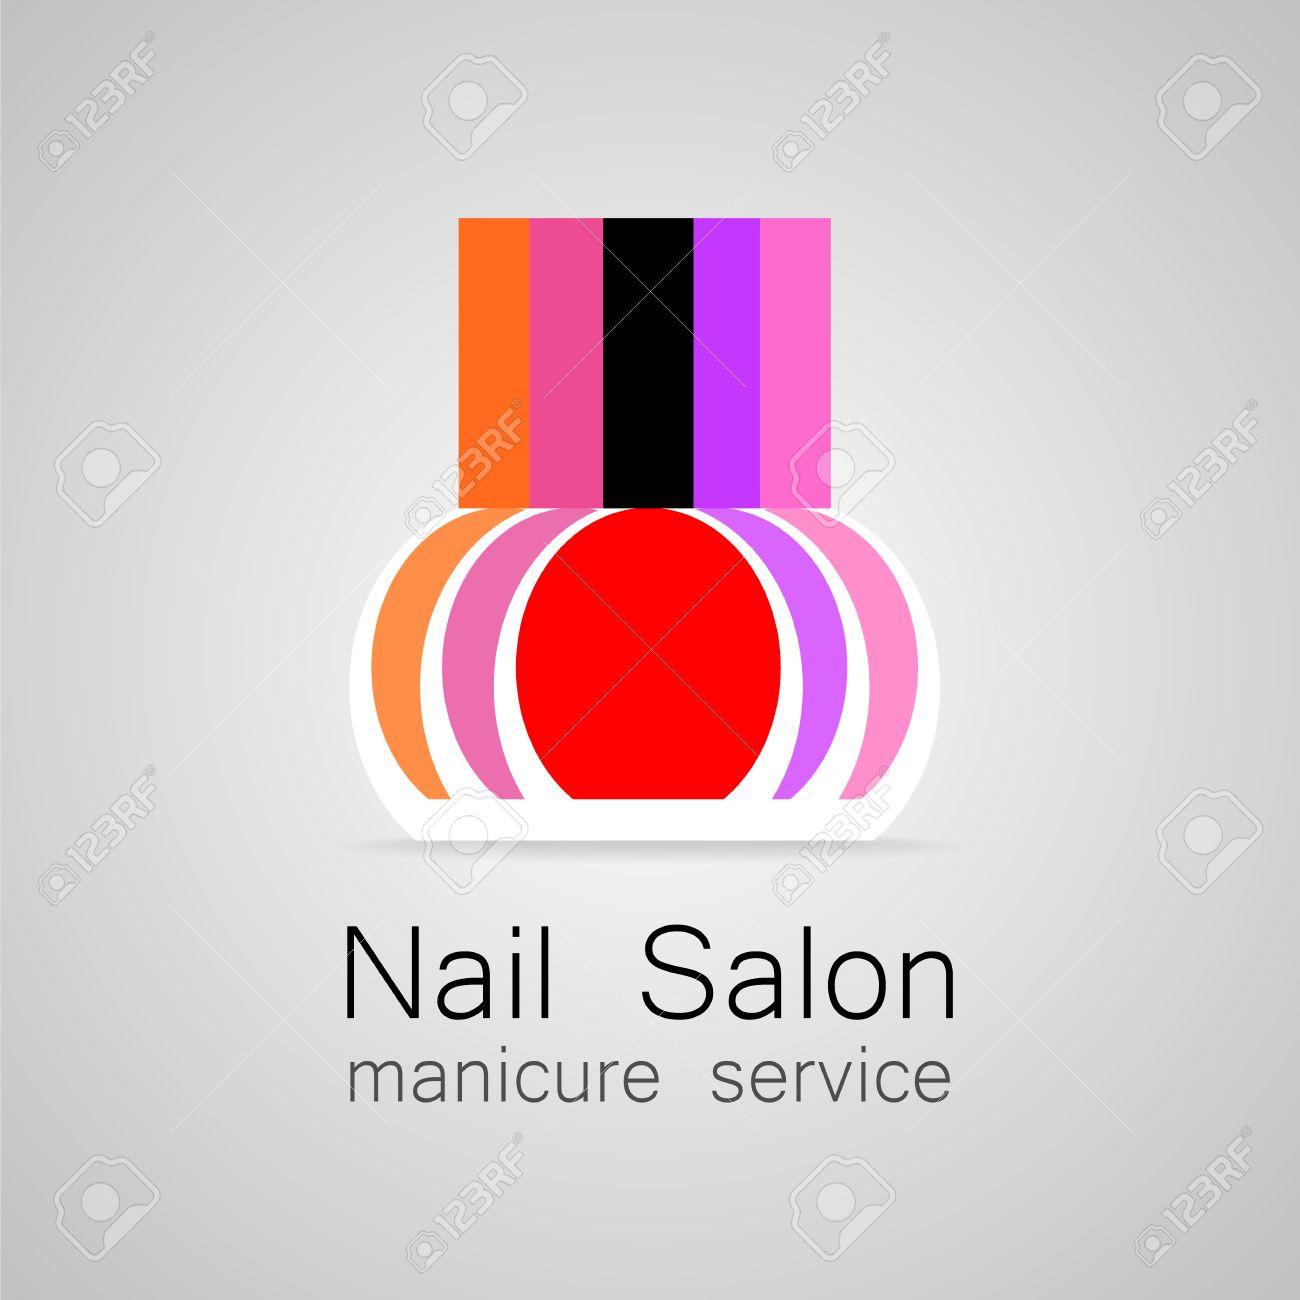 Nail salon logo nail polish a symbol of manicure design sign nail polish a symbol of manicure design sign nail buycottarizona Image collections